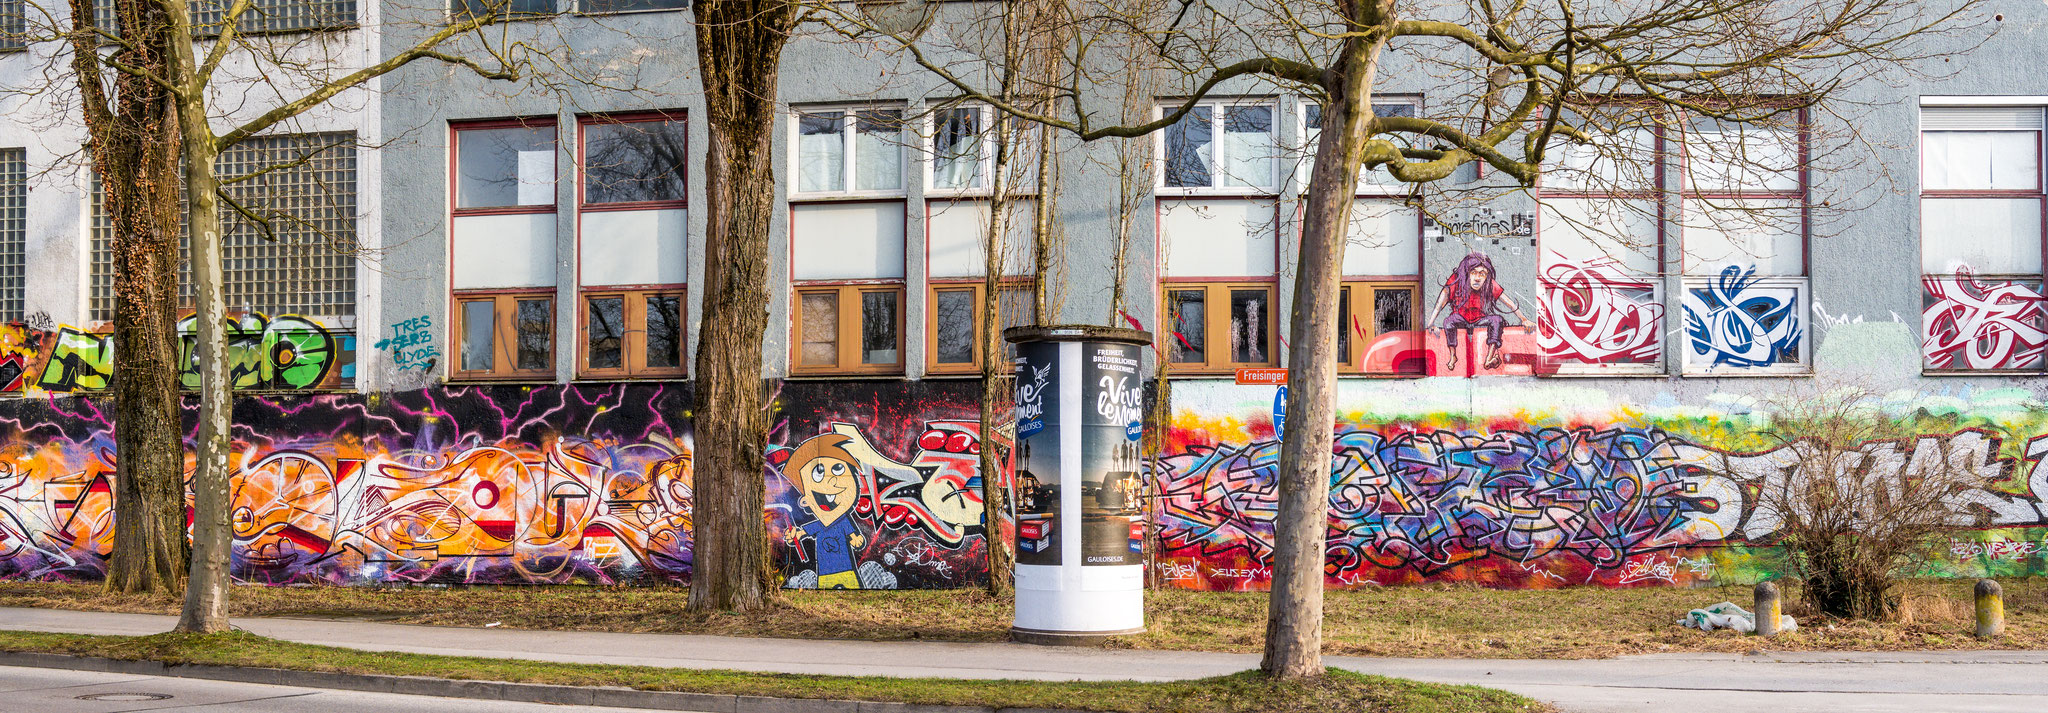 Graffiti an der alten Papierfabrik